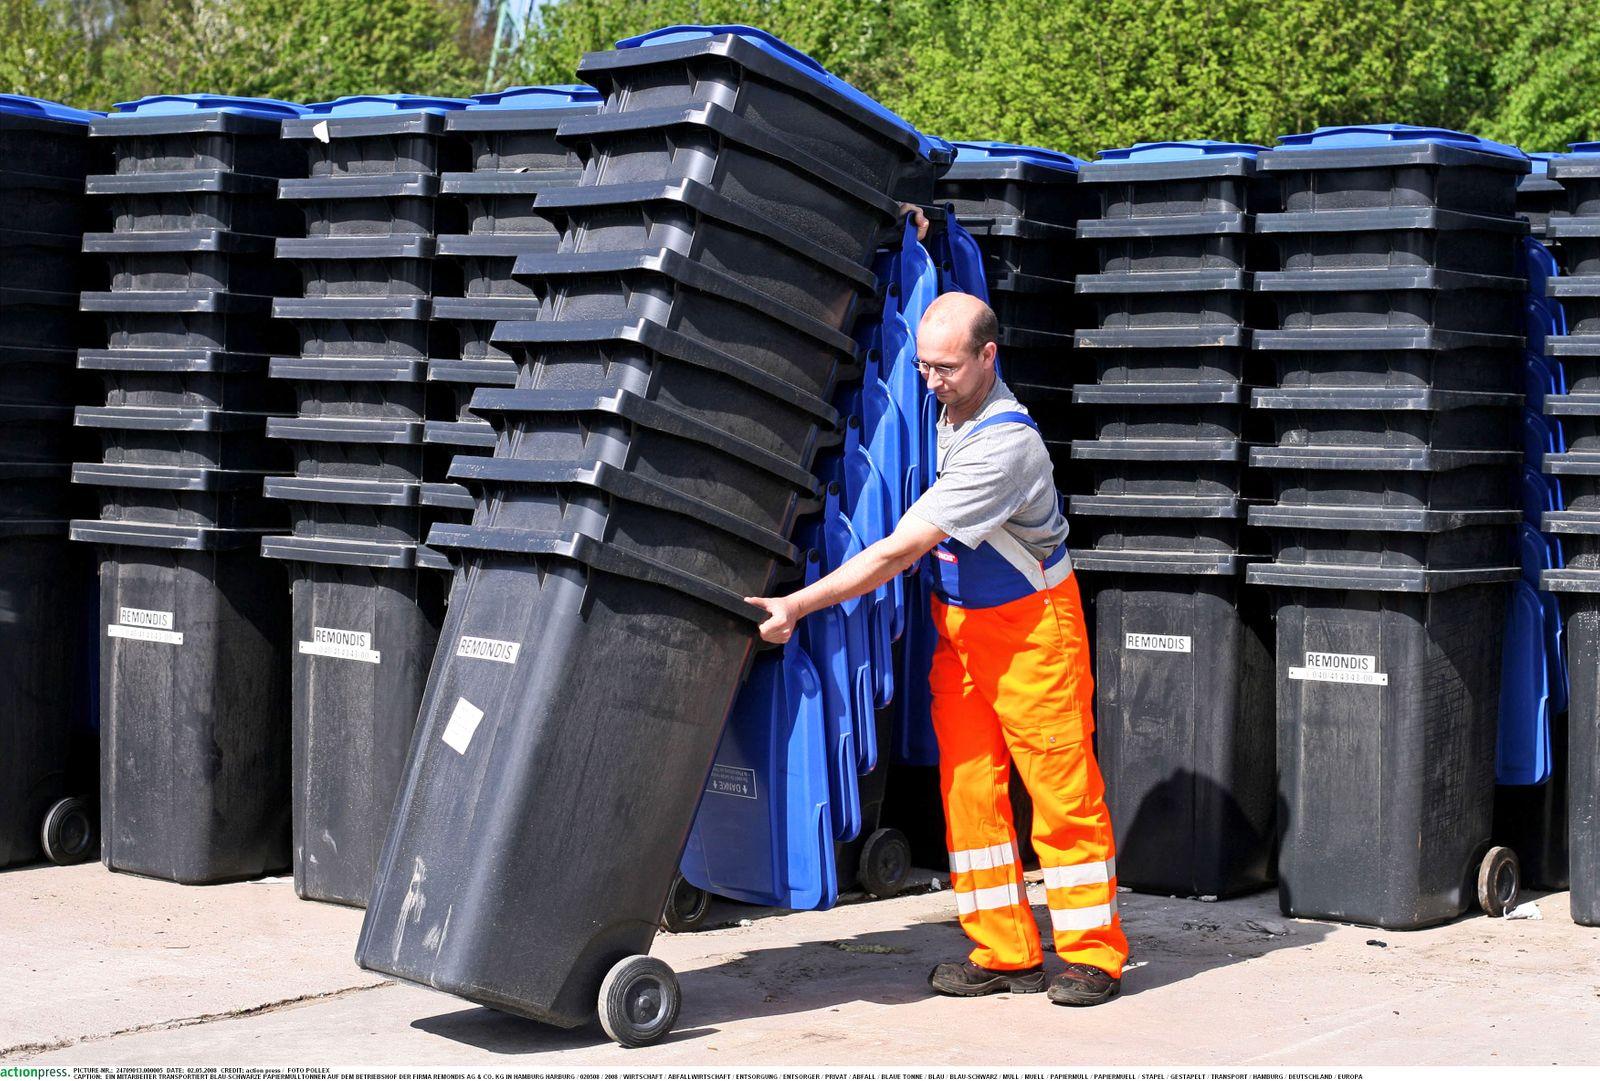 Die Firma Remondis liefert blaue Papier-Mülltonnen in Hamburg aus